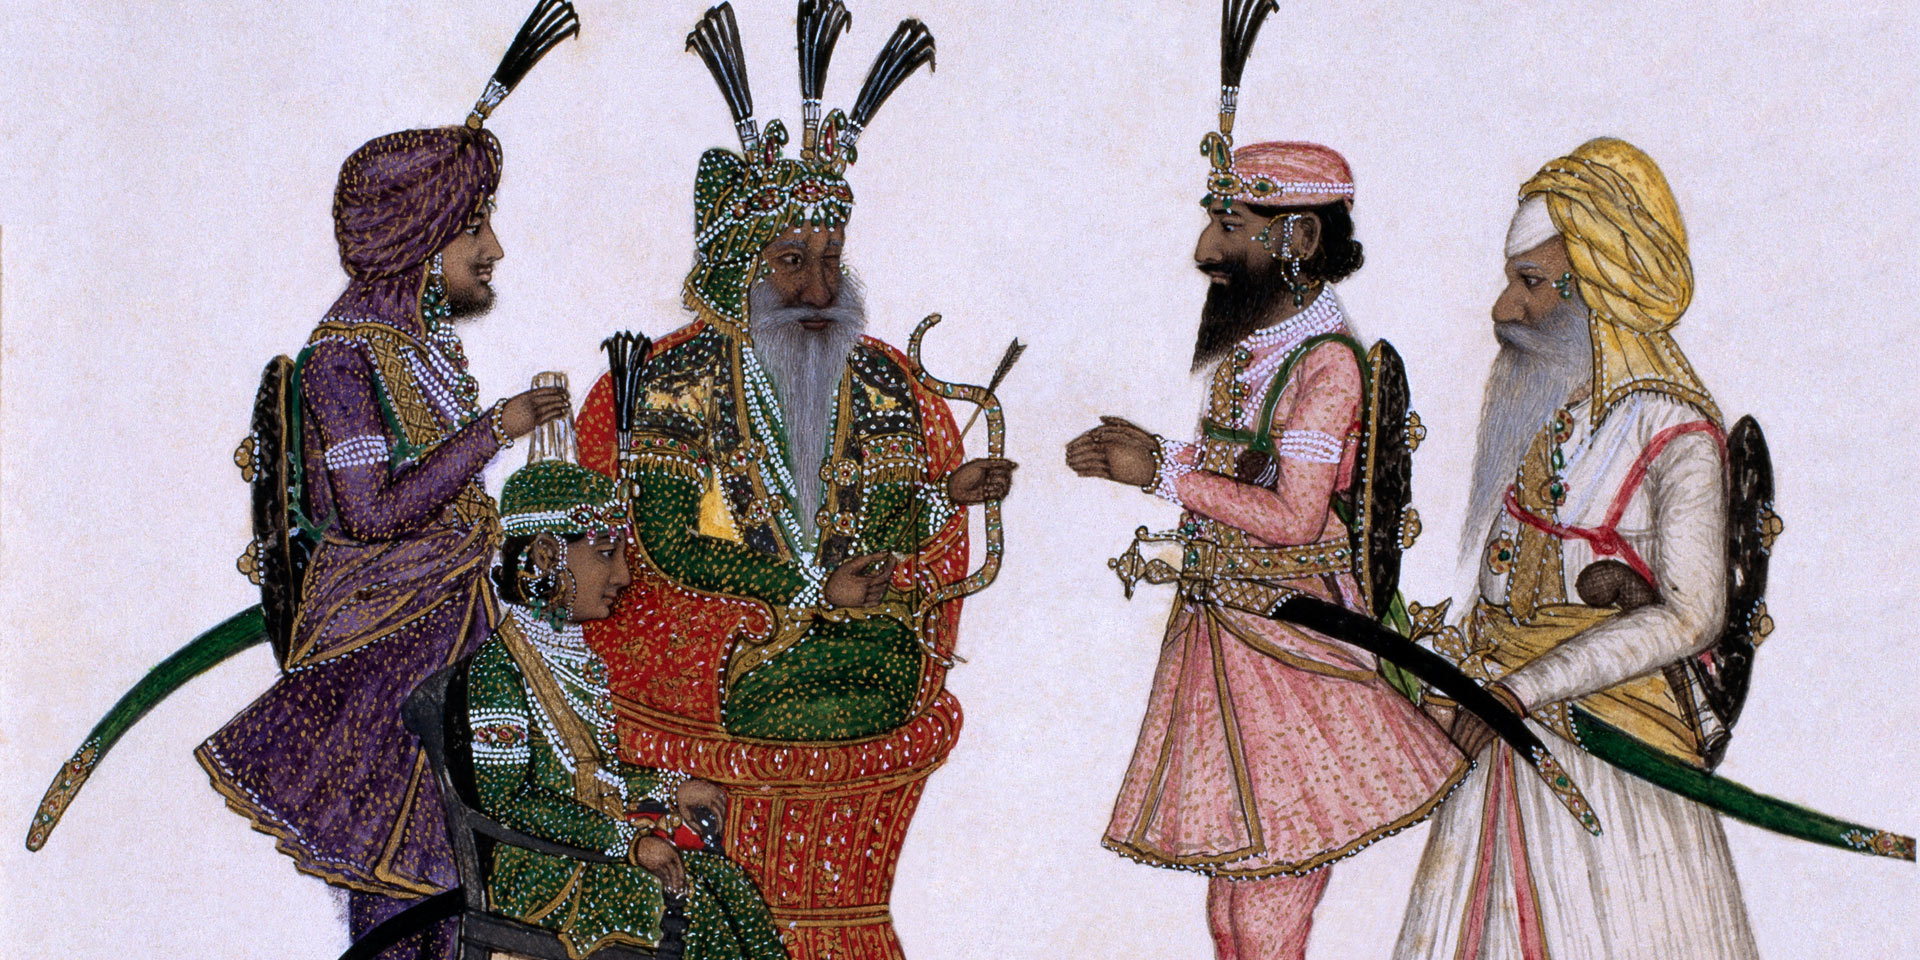 Maharaja Ranjit Singh with Sikh leaders, c1850